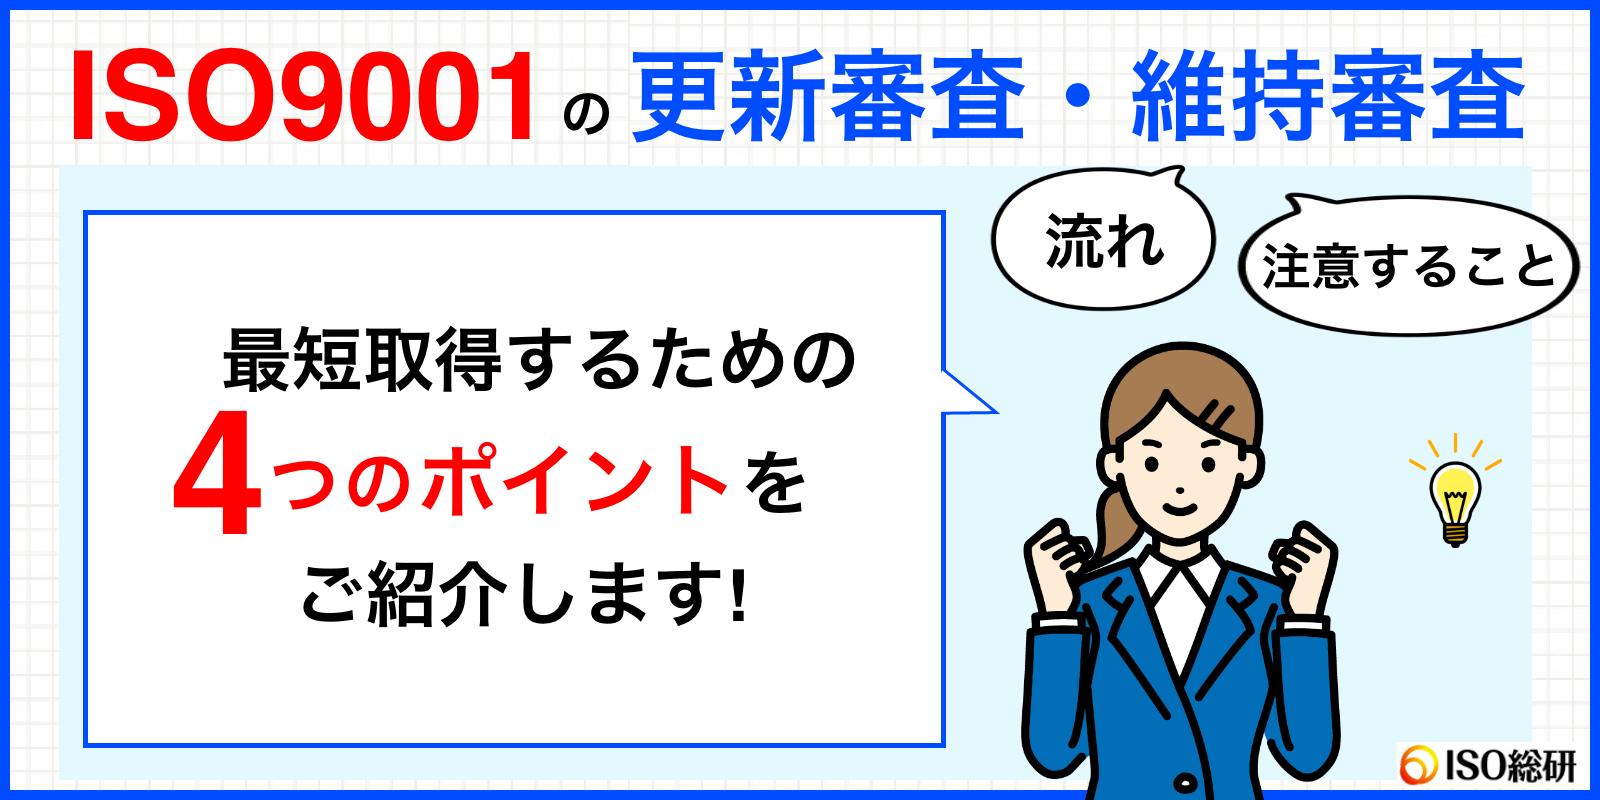 ISO9001の更新審査、維持審査で注意するポイント | ISO総研